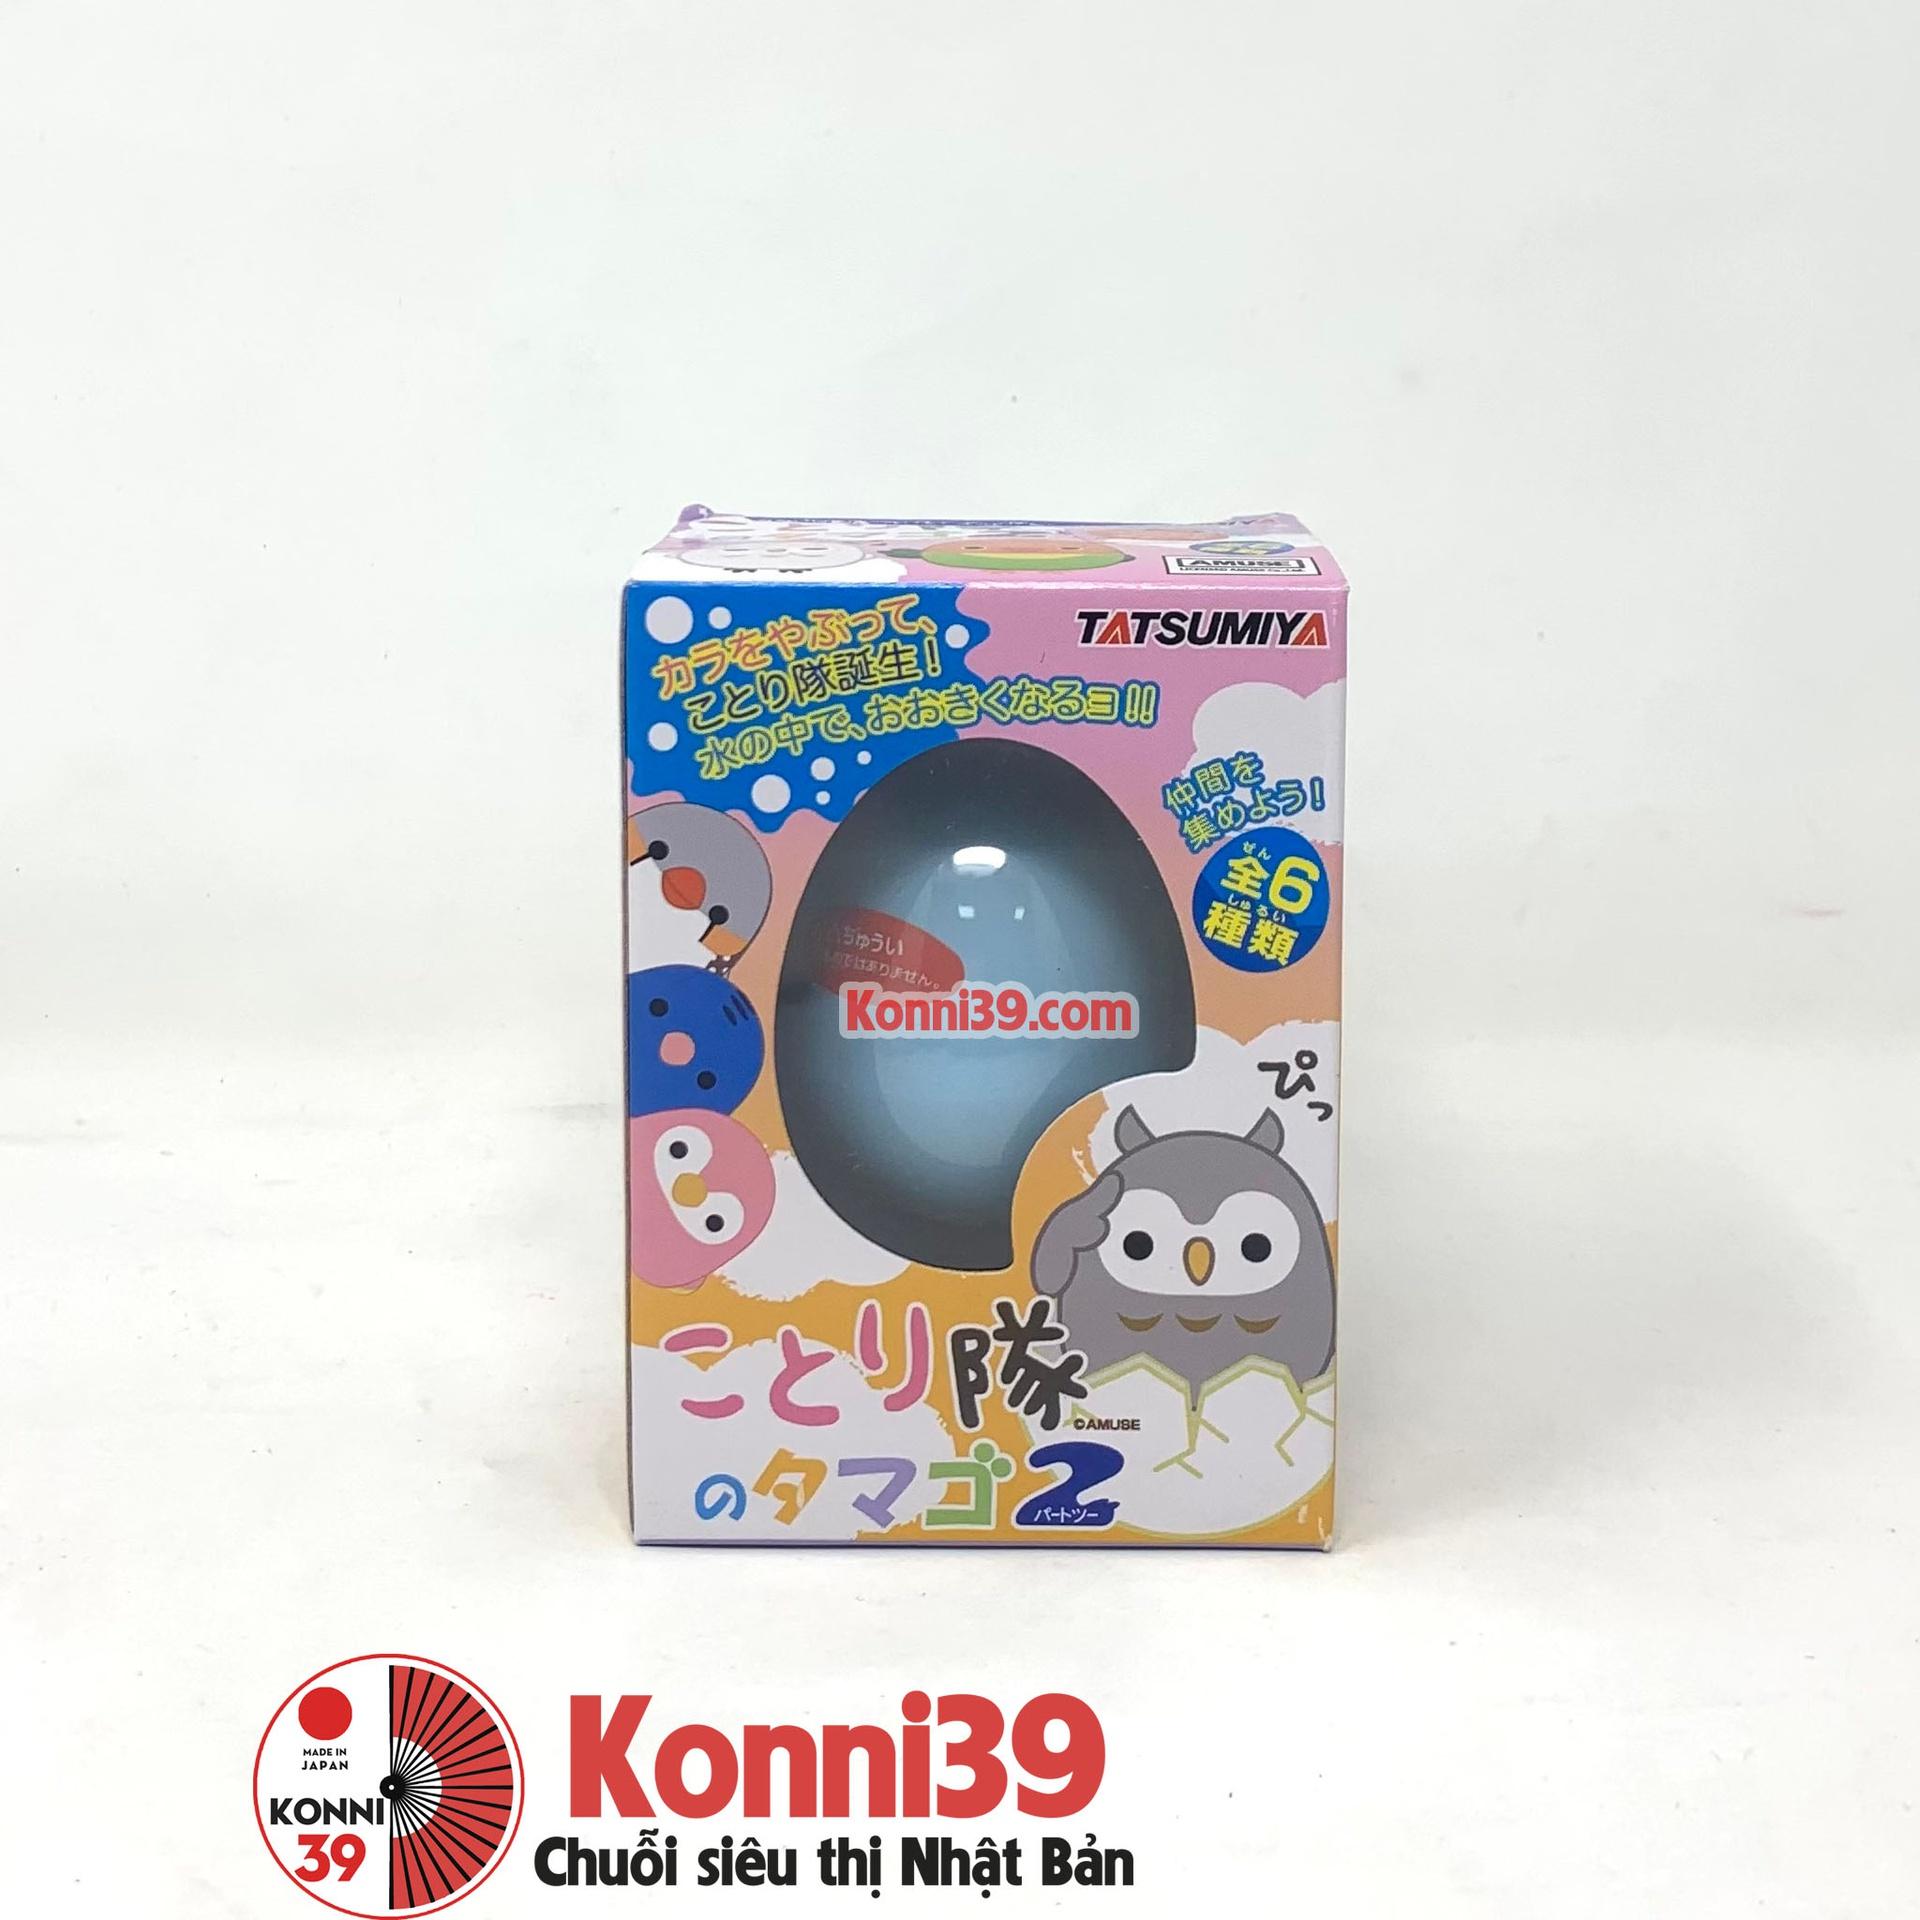 Đồ chơi trứng thần kỳ Tatsumiya nở ra mô hình con vật - Chuỗi siêu thị Nhật  Bản nội địa - Made in Japan Konni39 tại Việt Nam